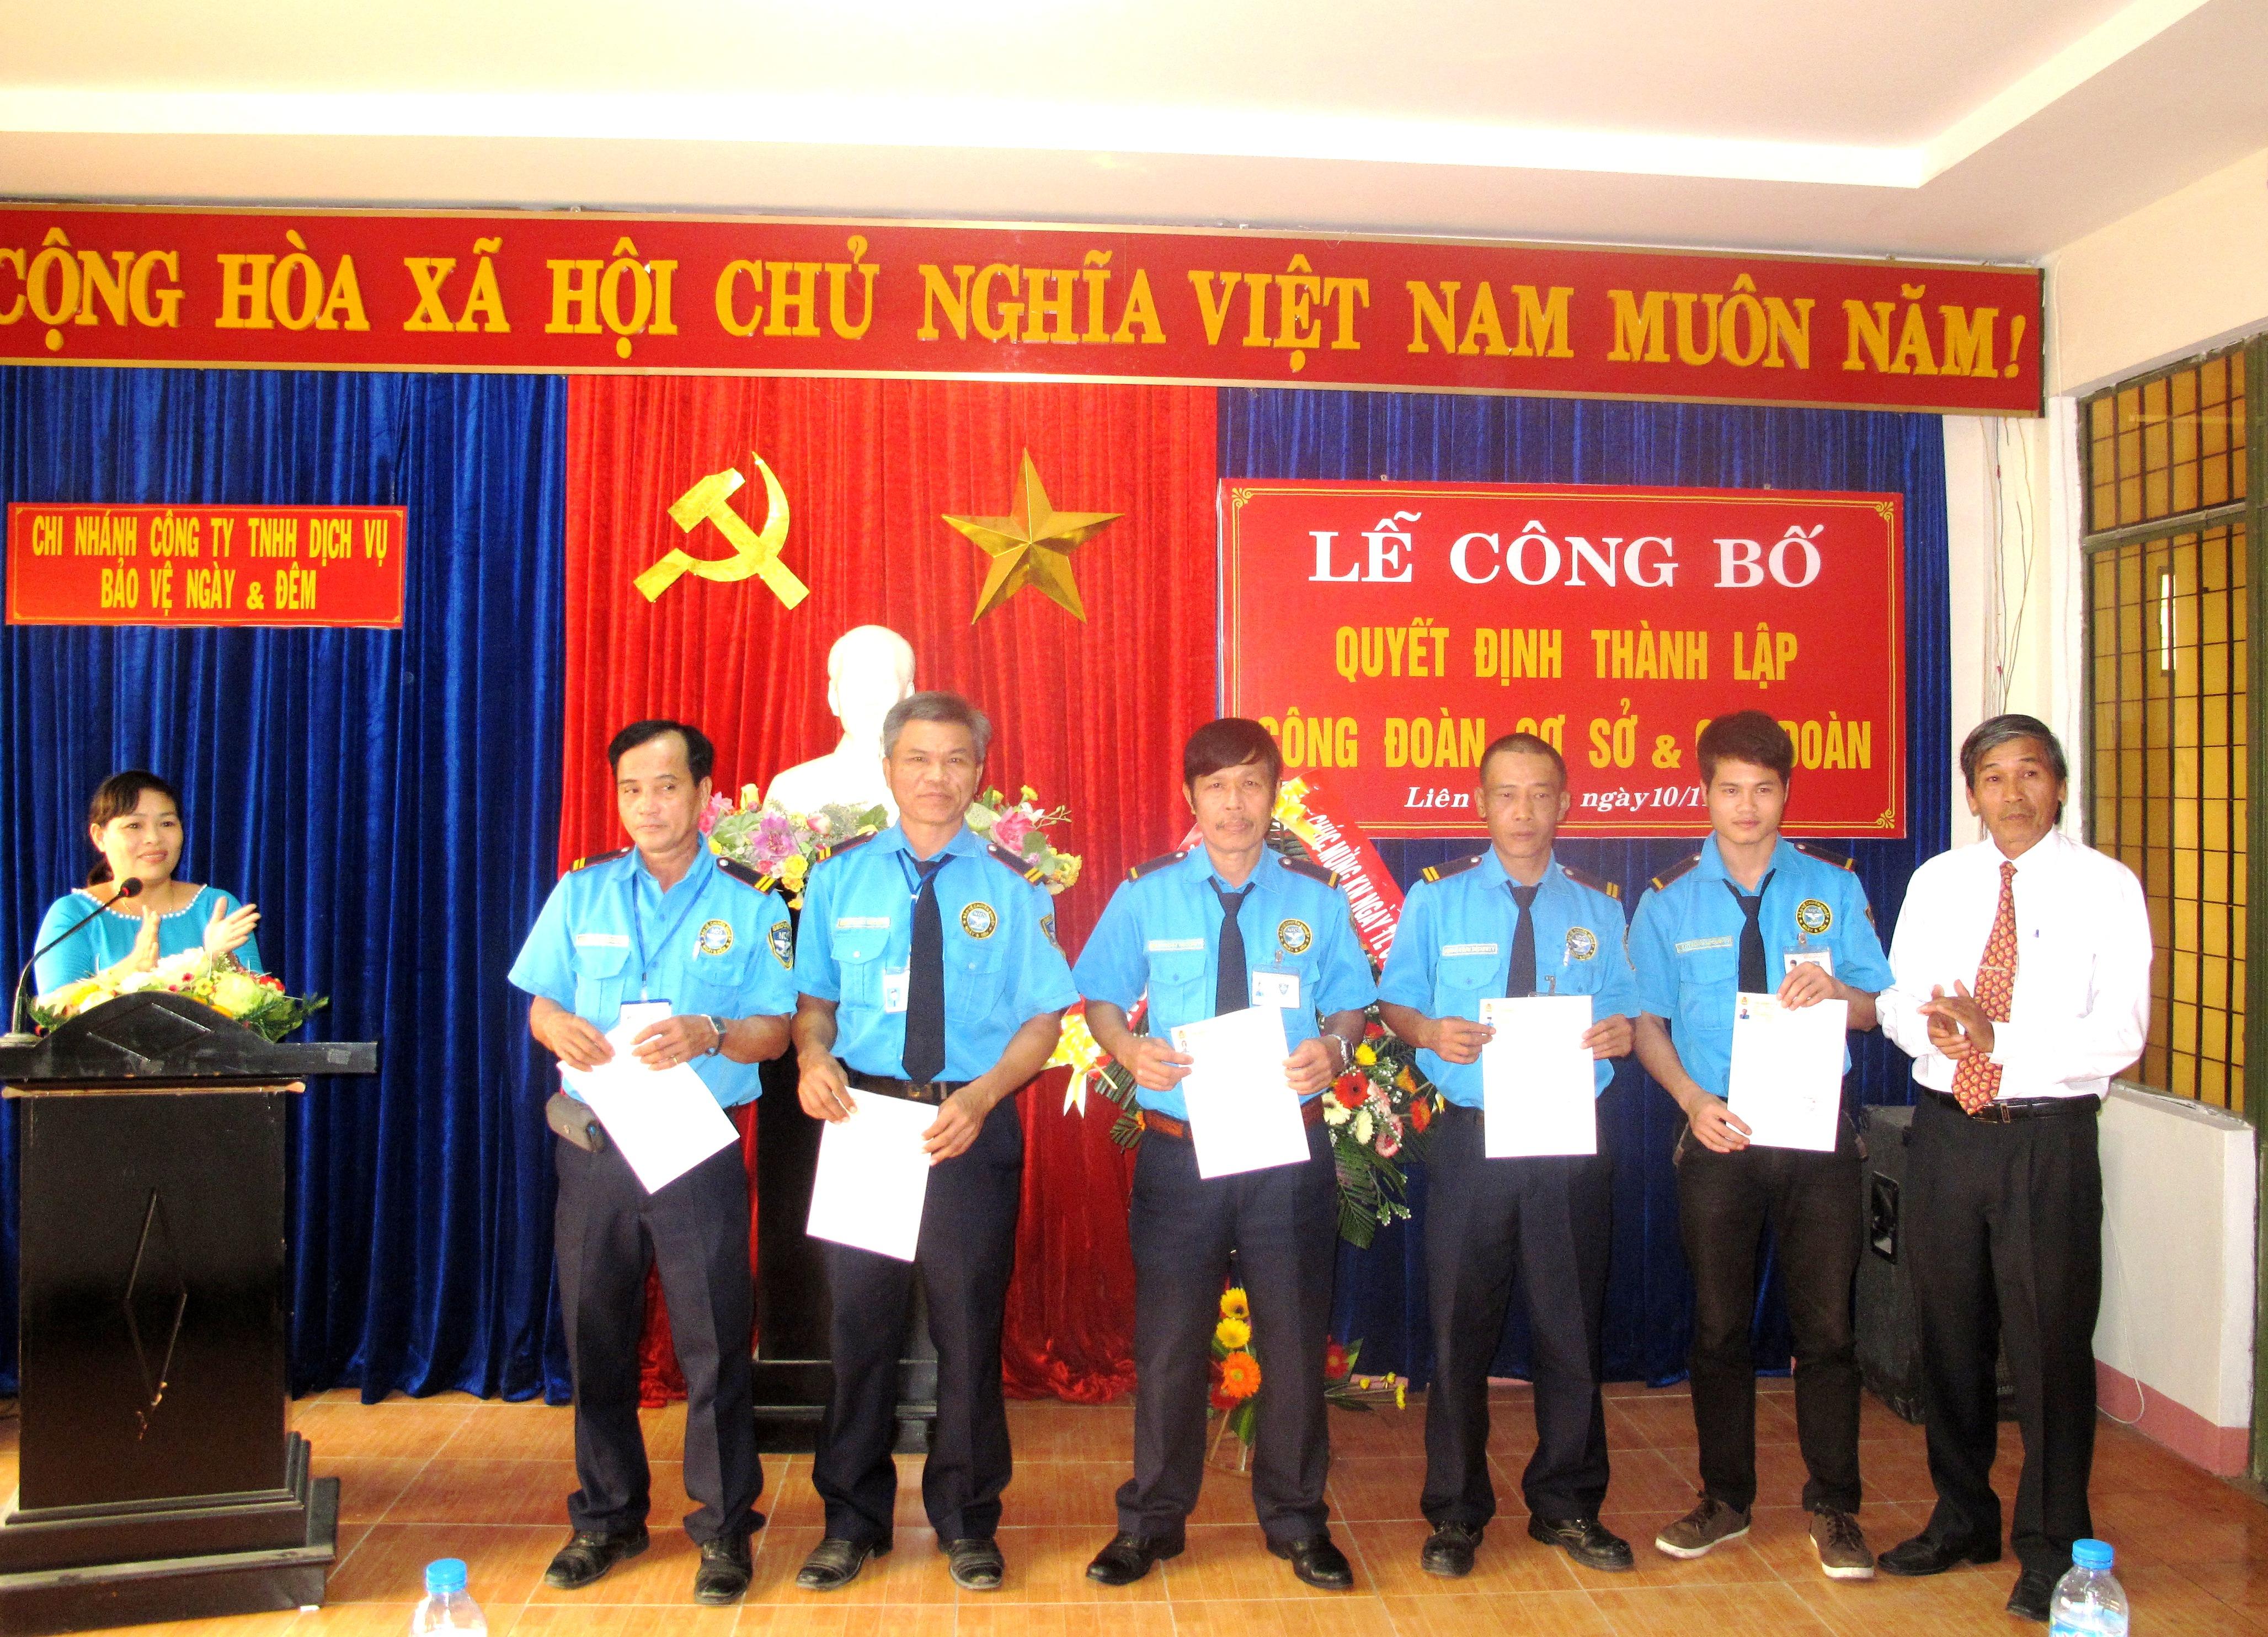 Thành lập CDCS, Phát triển đoàn viên